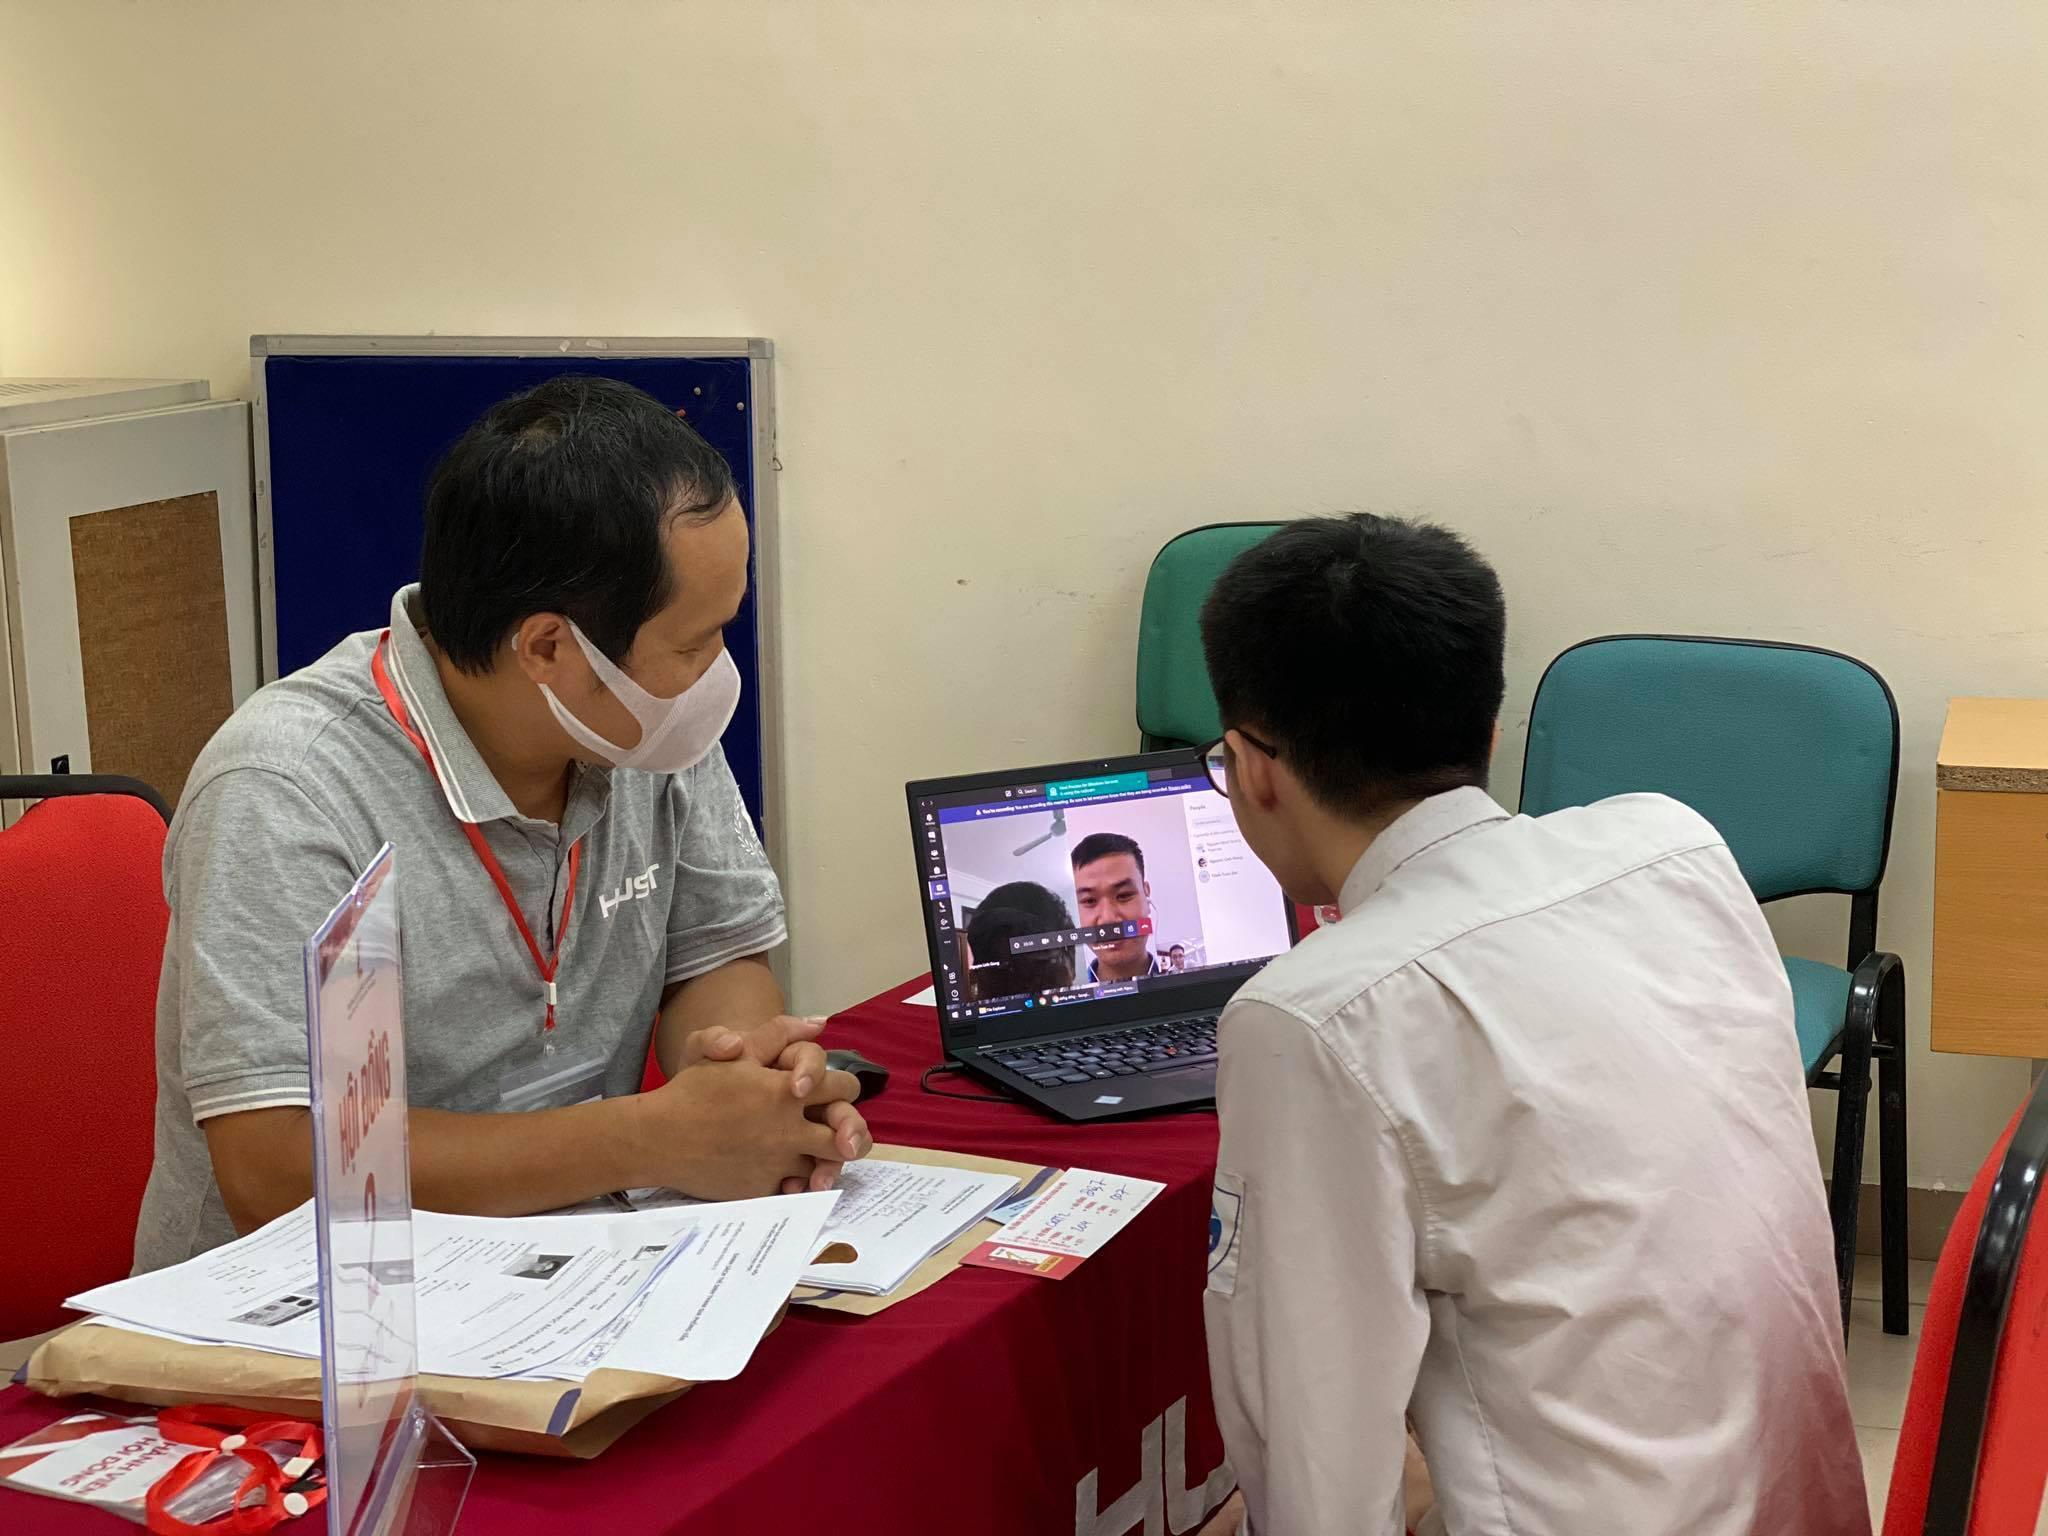 Trường ĐH Bách khoa Hà Nội nói về phương án tuyển sinh 2021